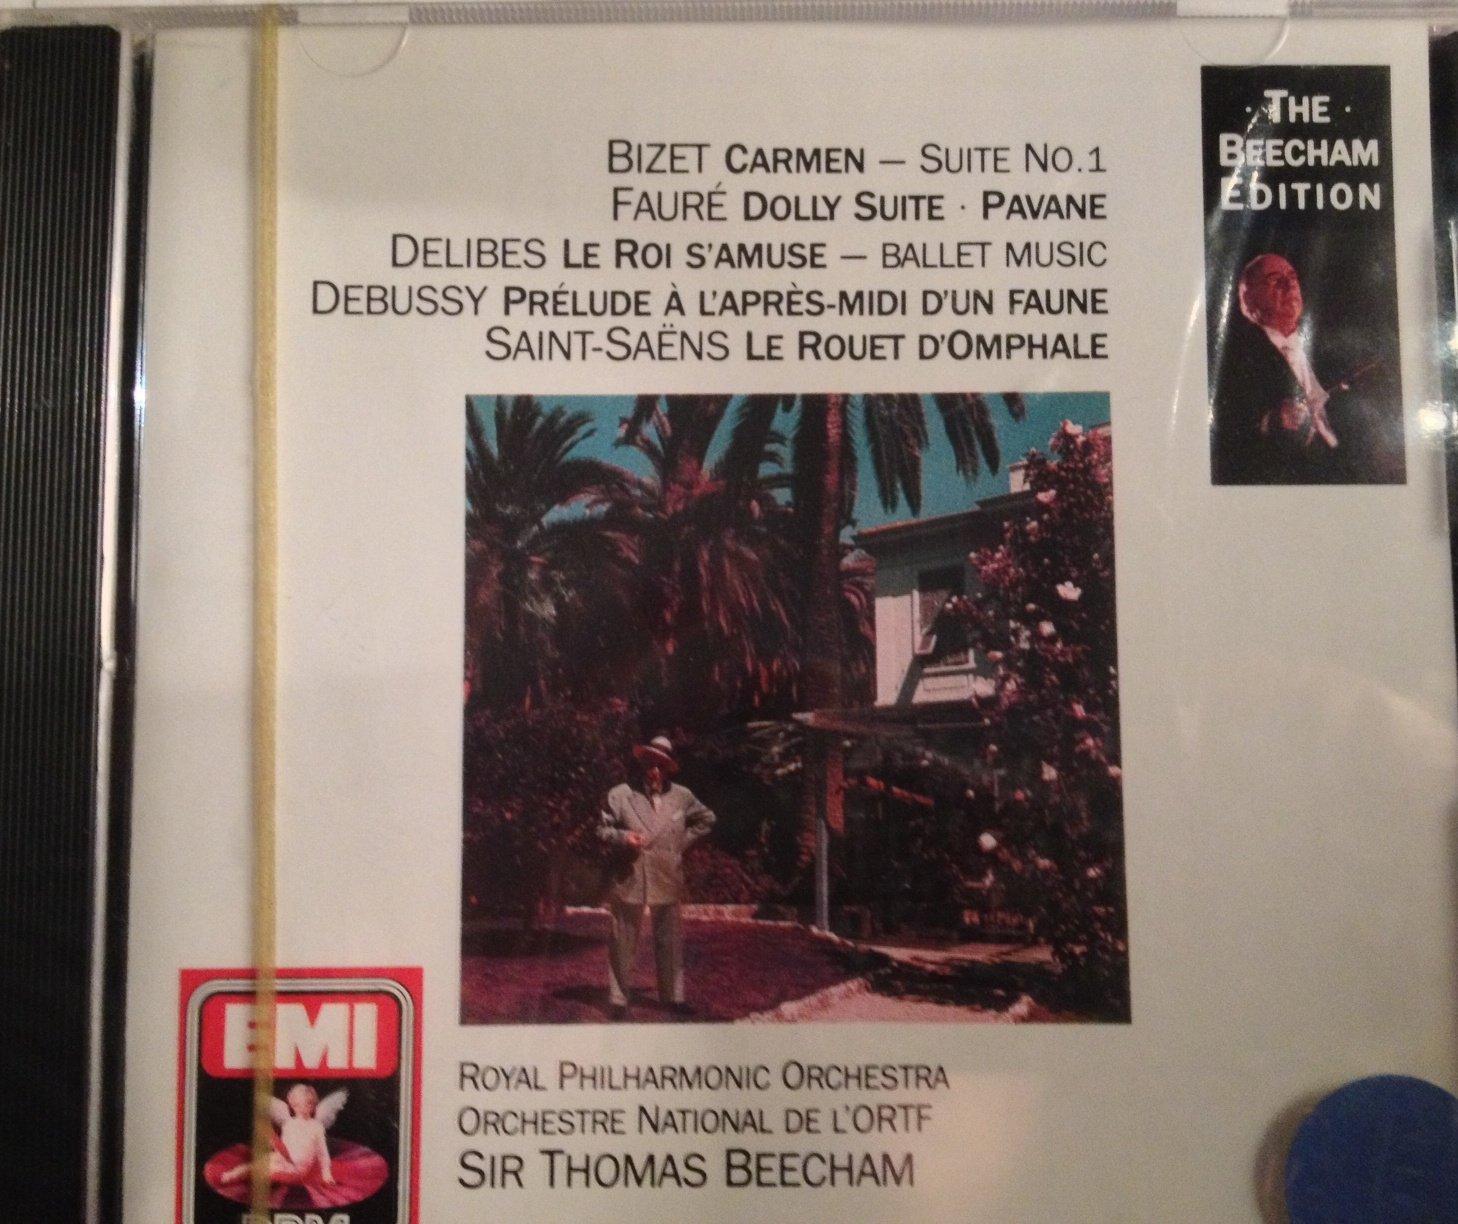 Beecham conducts Bizet: Carmen Suite; Faure: Pavane; Debussy: Prelude a L'apres-midi D'un Faune Etc